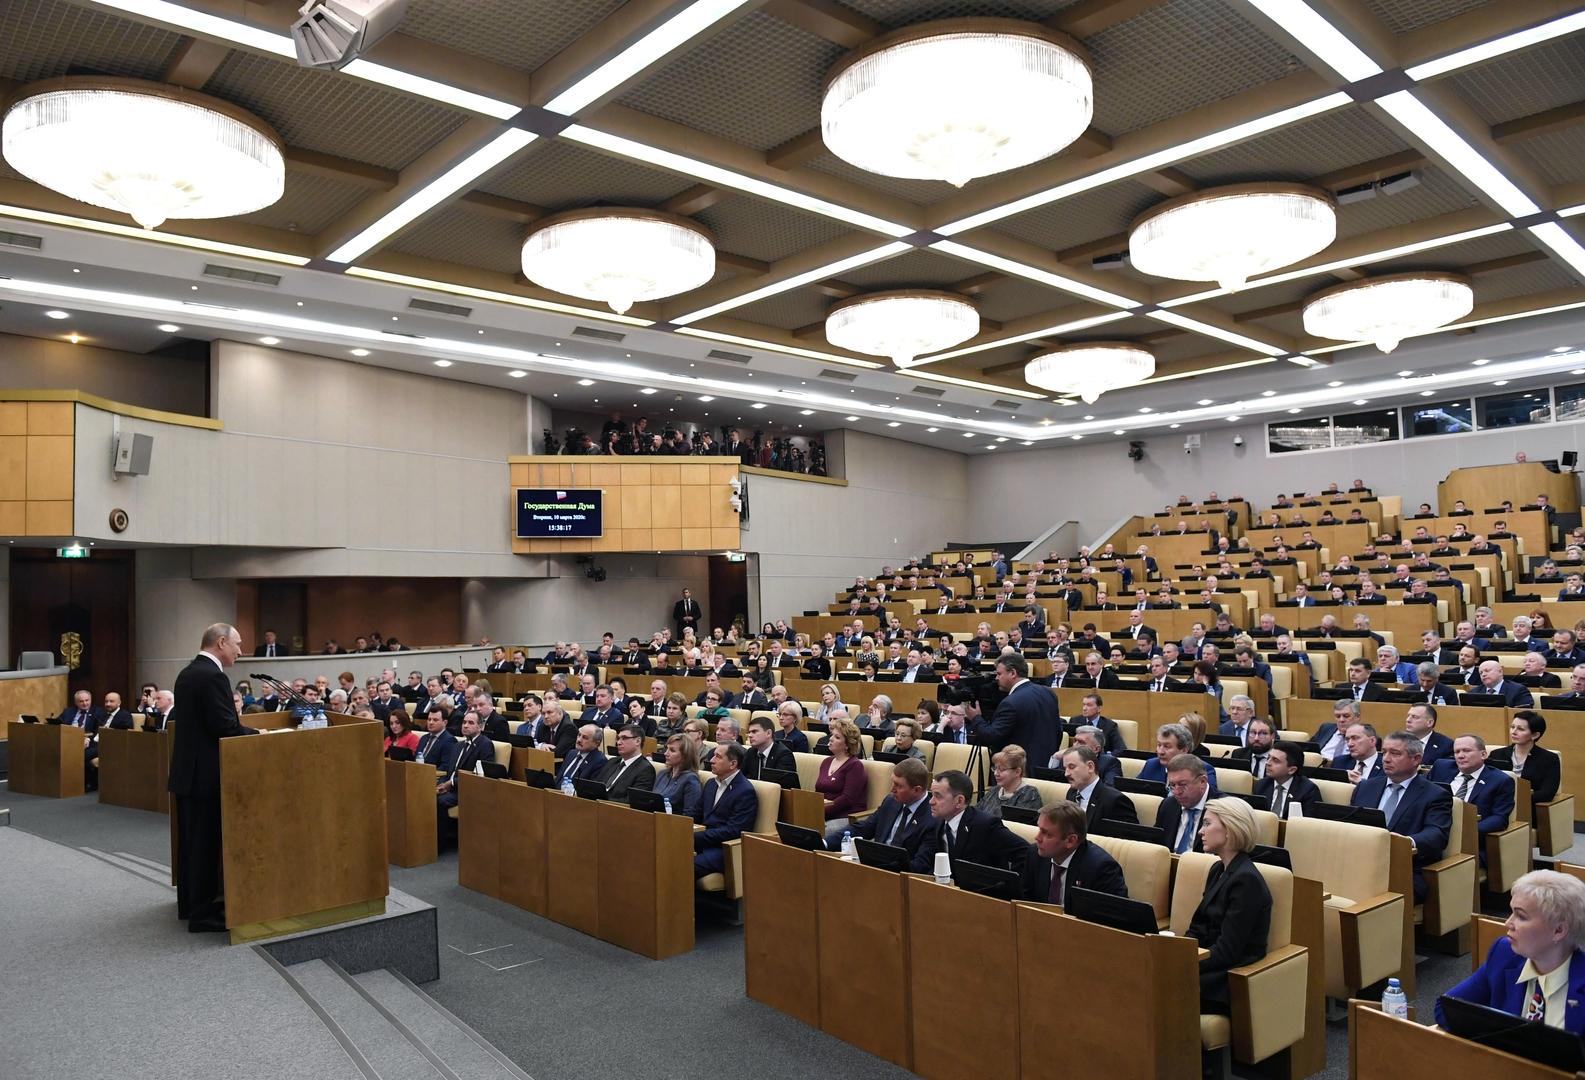 اجتماع عام لمجلس الدوما الروسي